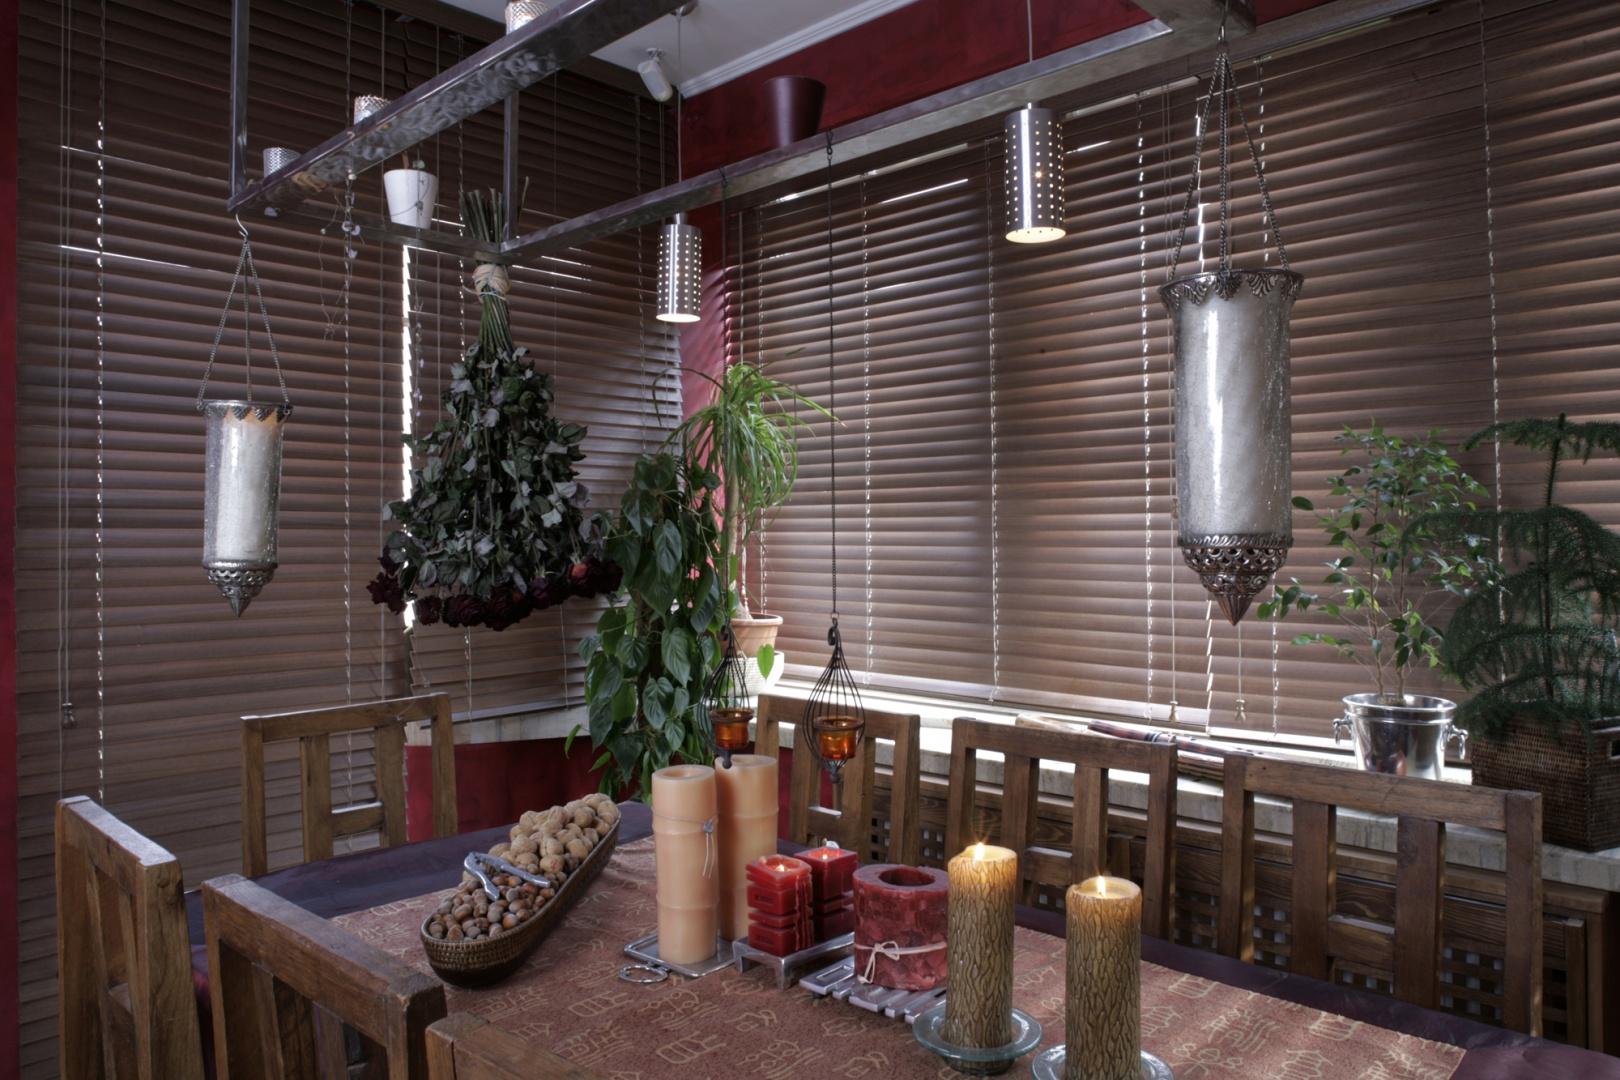 Jadalnię zaaranżowano w zacisznym, wypełnionym żywymi kwiatami kąciku, w którym stanął prosty stół i komplet ośmiu krzeseł – również dzieło chińskich stolarzy. Nad stołem zawieszono stalową konstrukcję – praktyczną ramę, na której można zawieszać orientalne lampy i ustawiać nastrojowe świece. Fot. Monika Filipiuk.